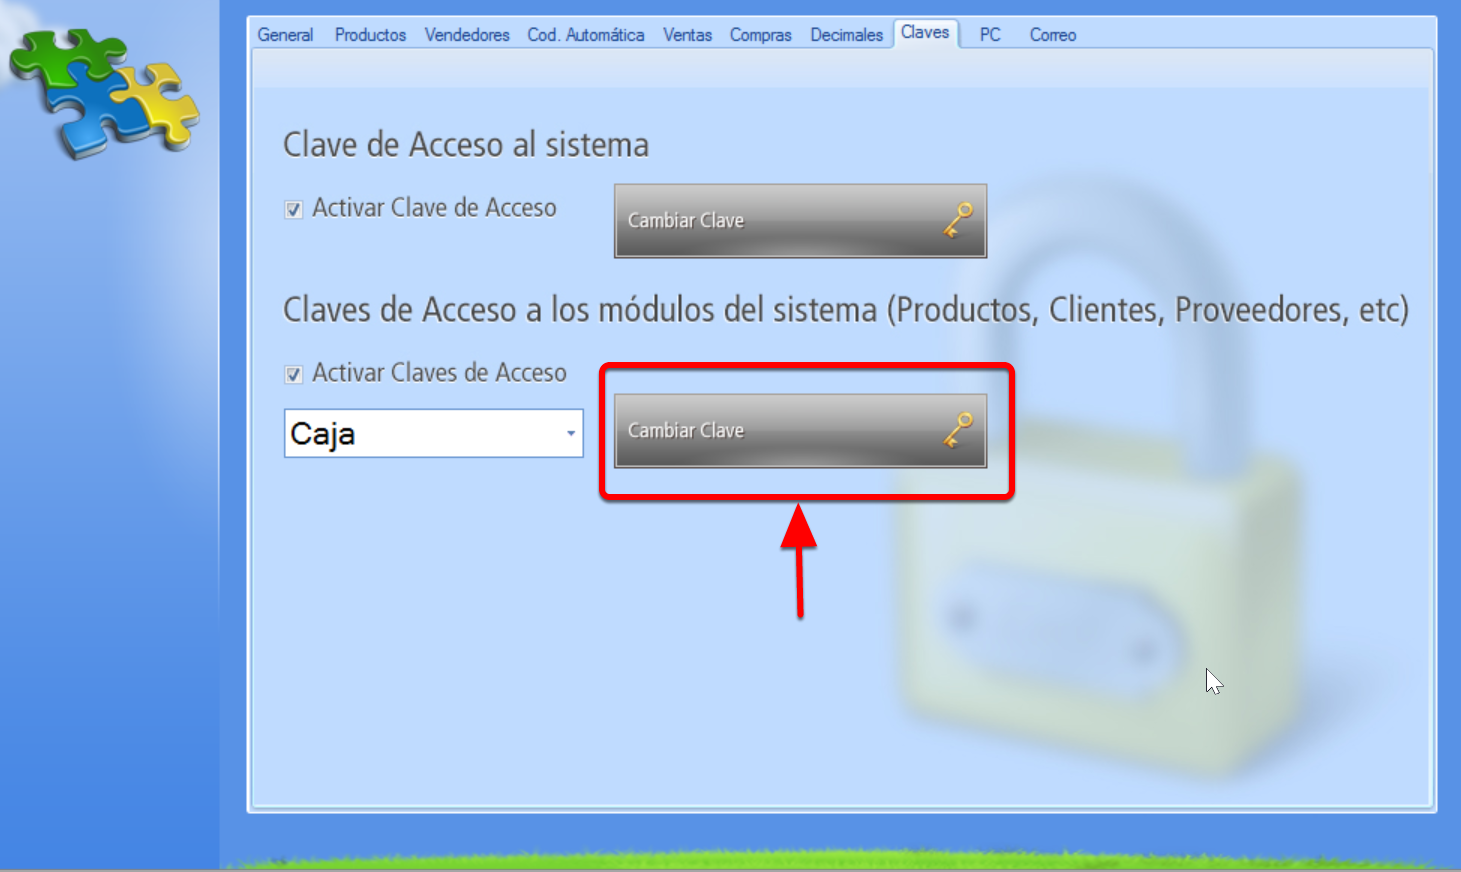 Para modificar una Clave de acceso modular hay que seleccionar el módulo y presionar el botón